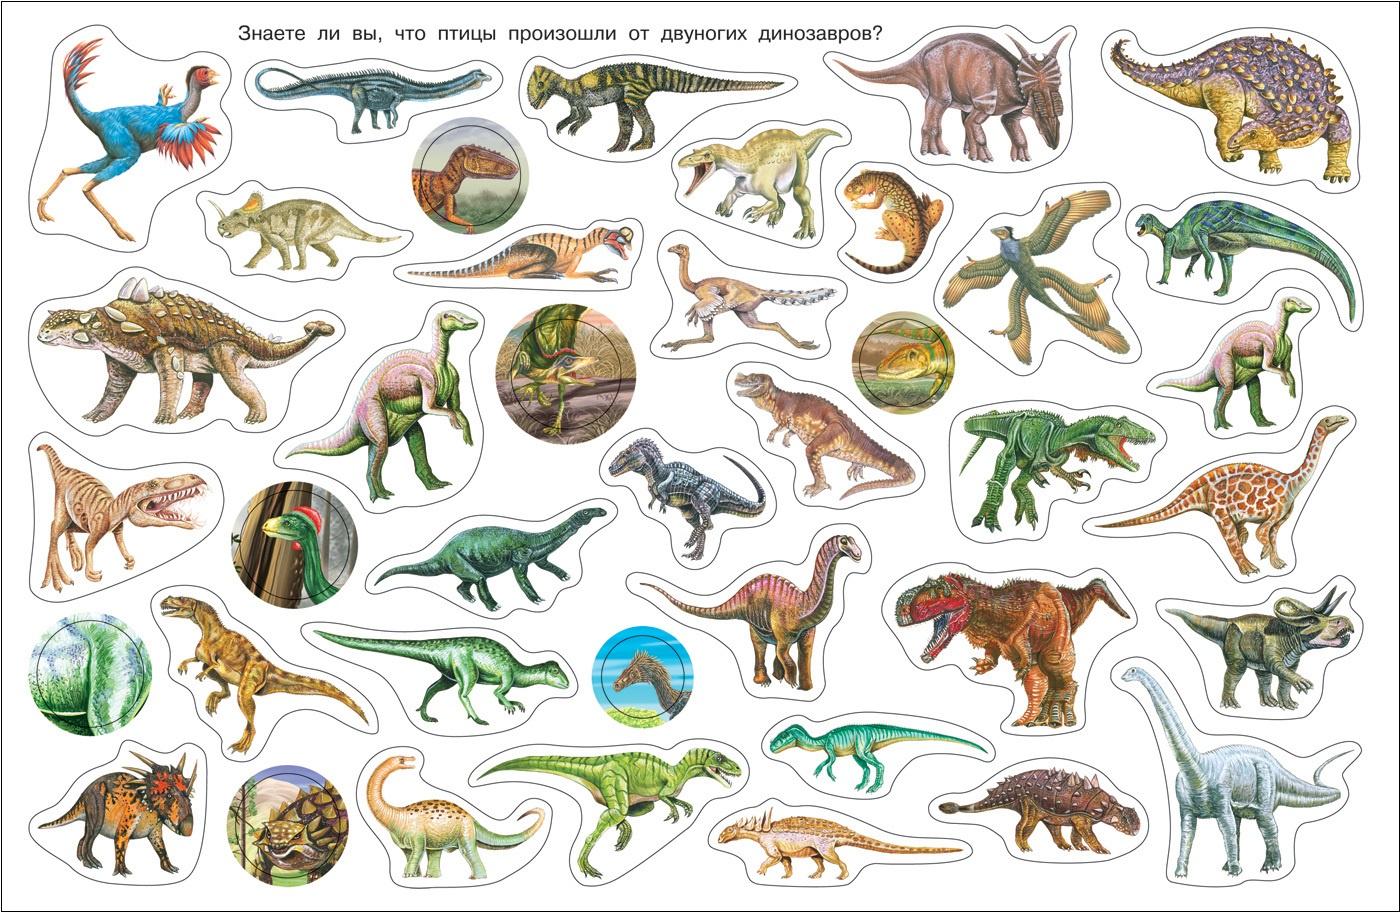 Альбом наклеек. Динозавры.